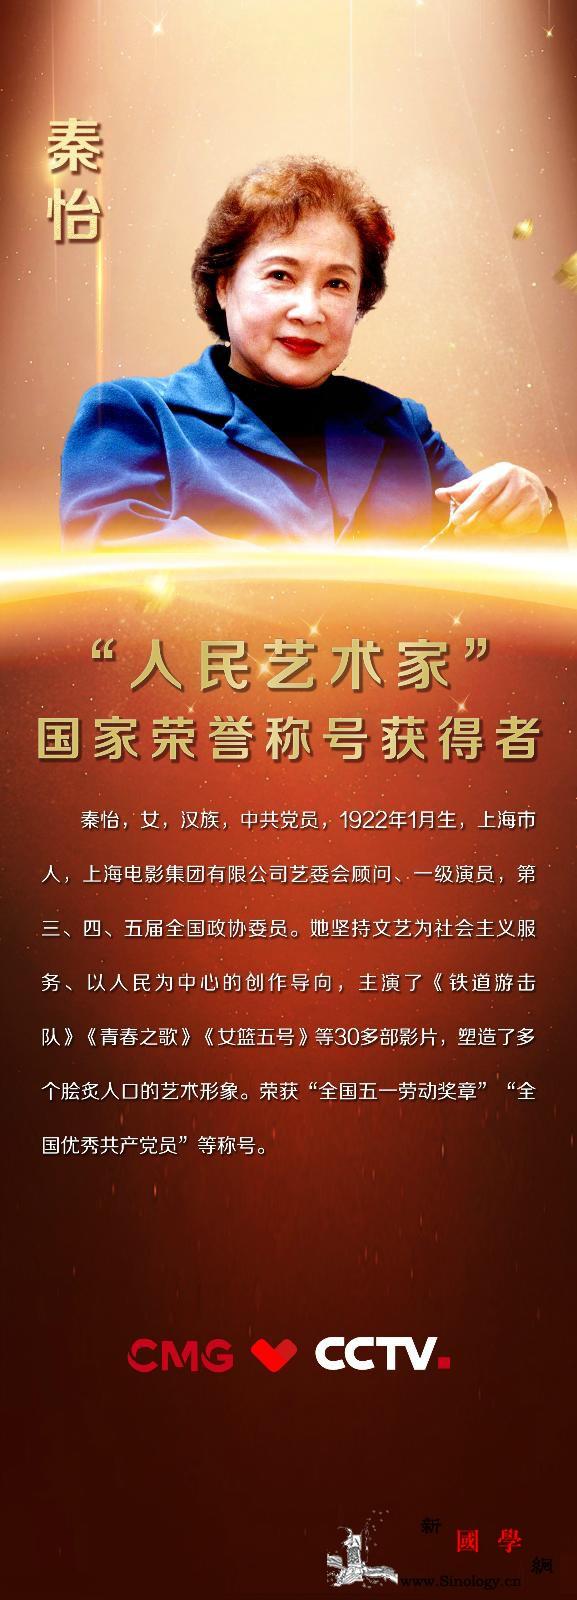 """中国荧幕不老的""""青春之歌""""——秦怡_汉族-画中画-上海-"""